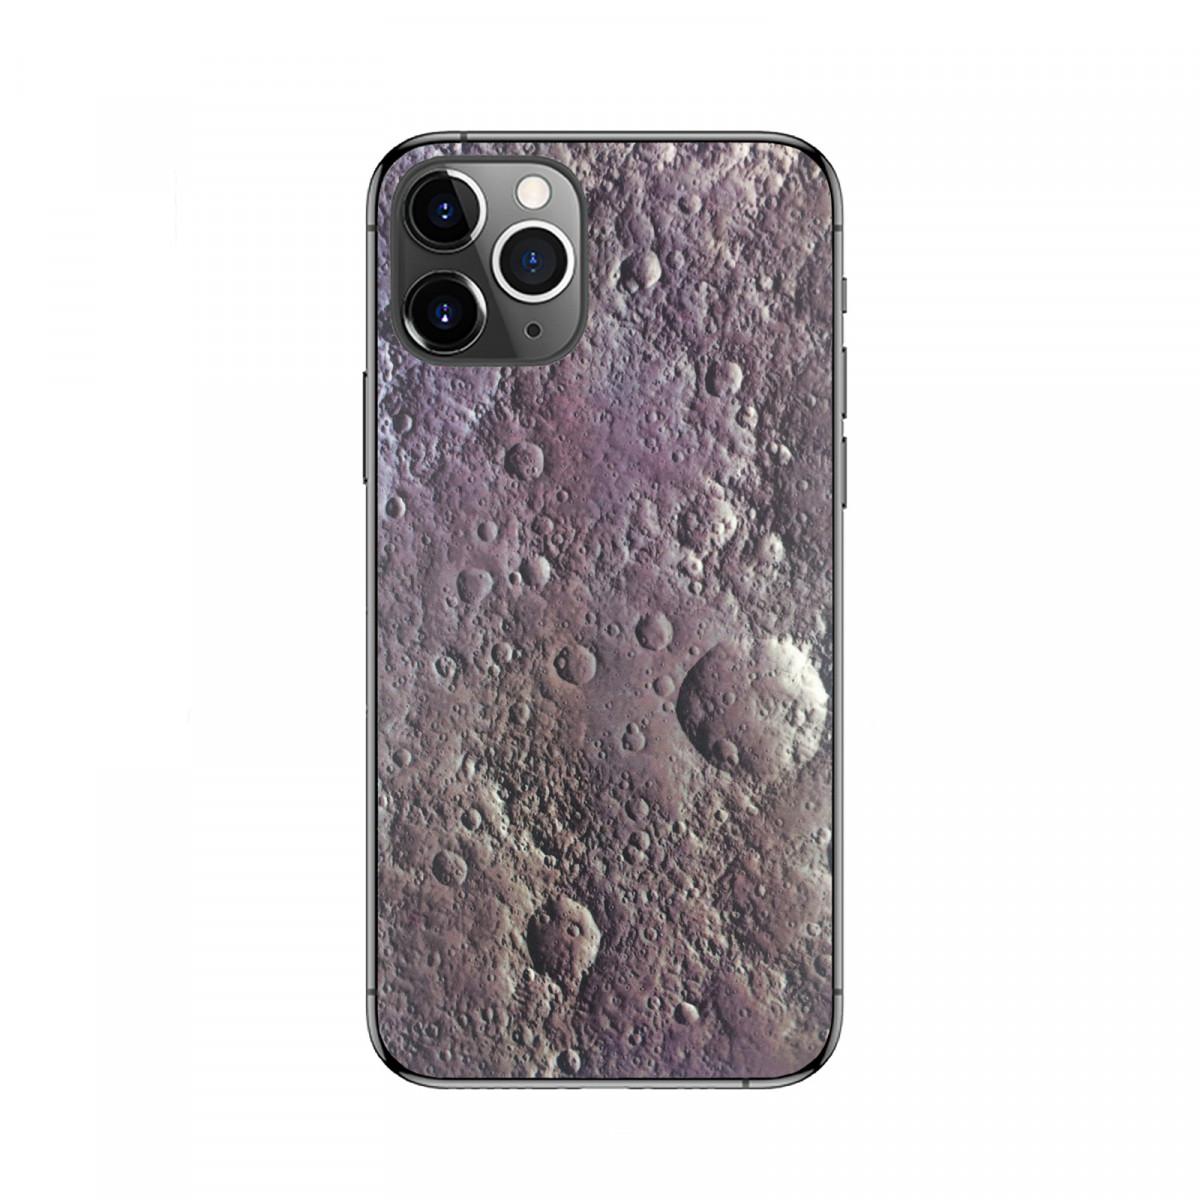 Захисна накладка на корпус смартфона - Місяць